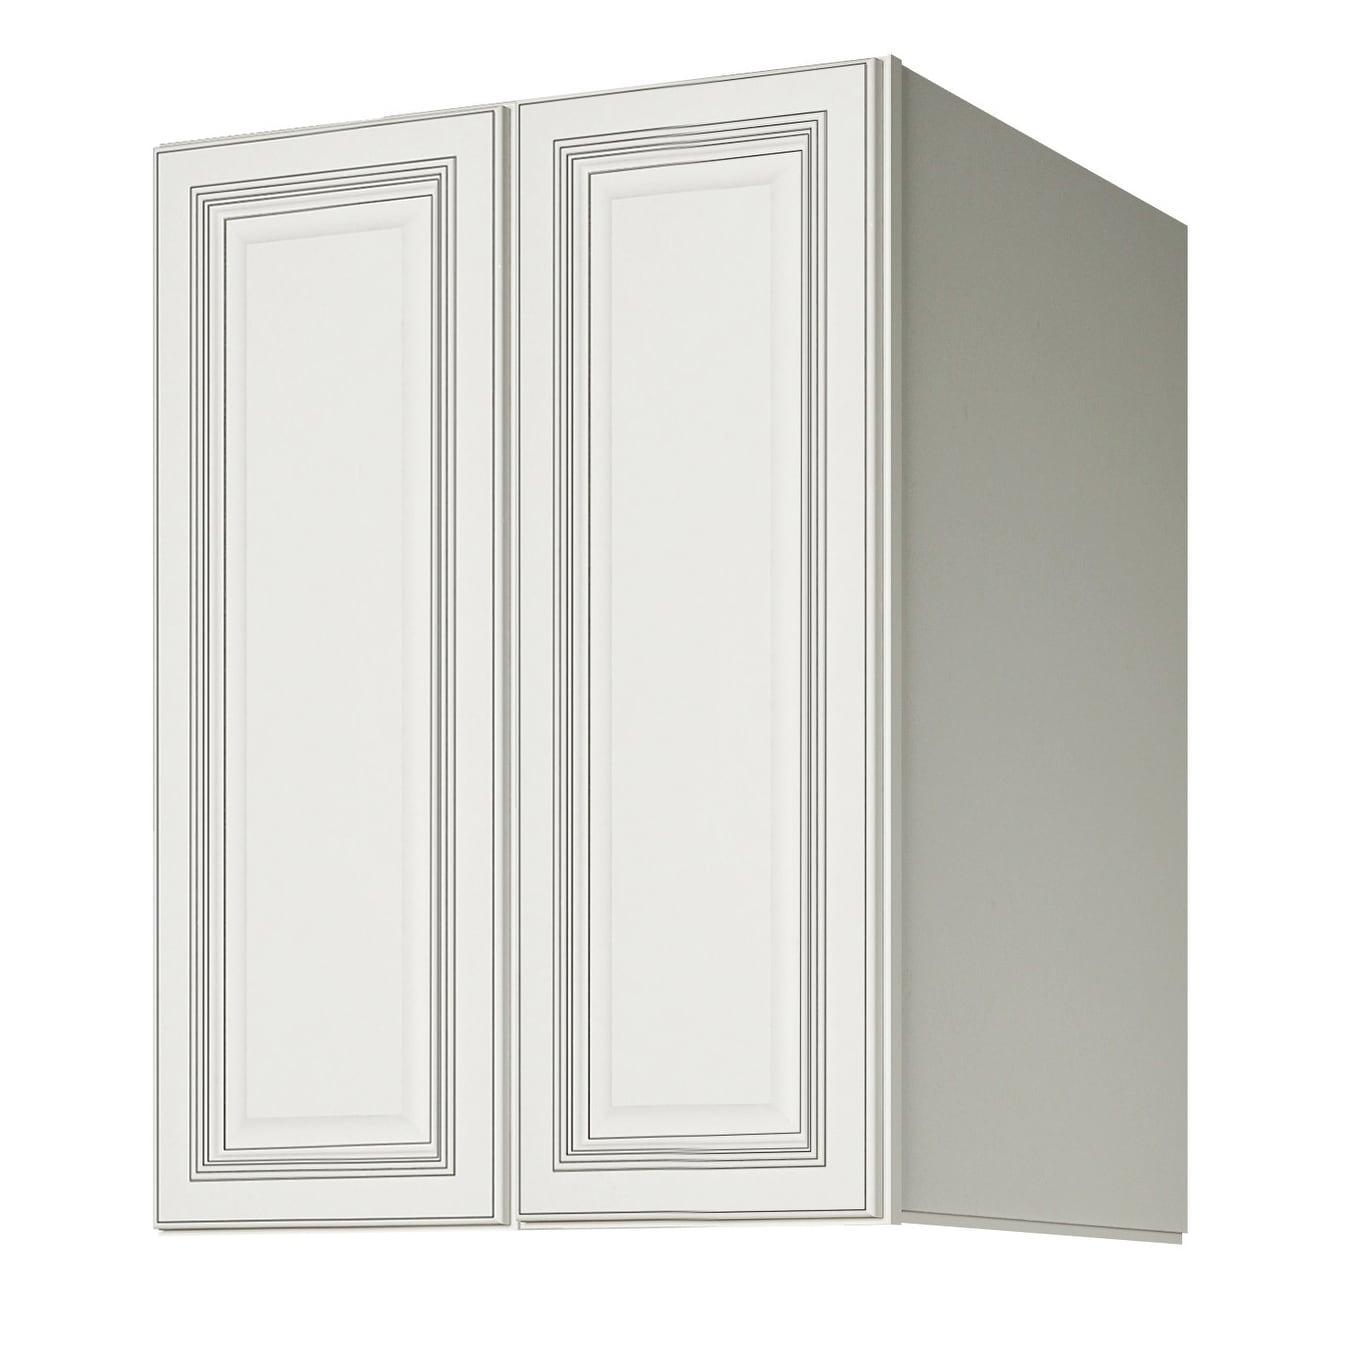 Sanibel 24 Wide X 36 High Double Door